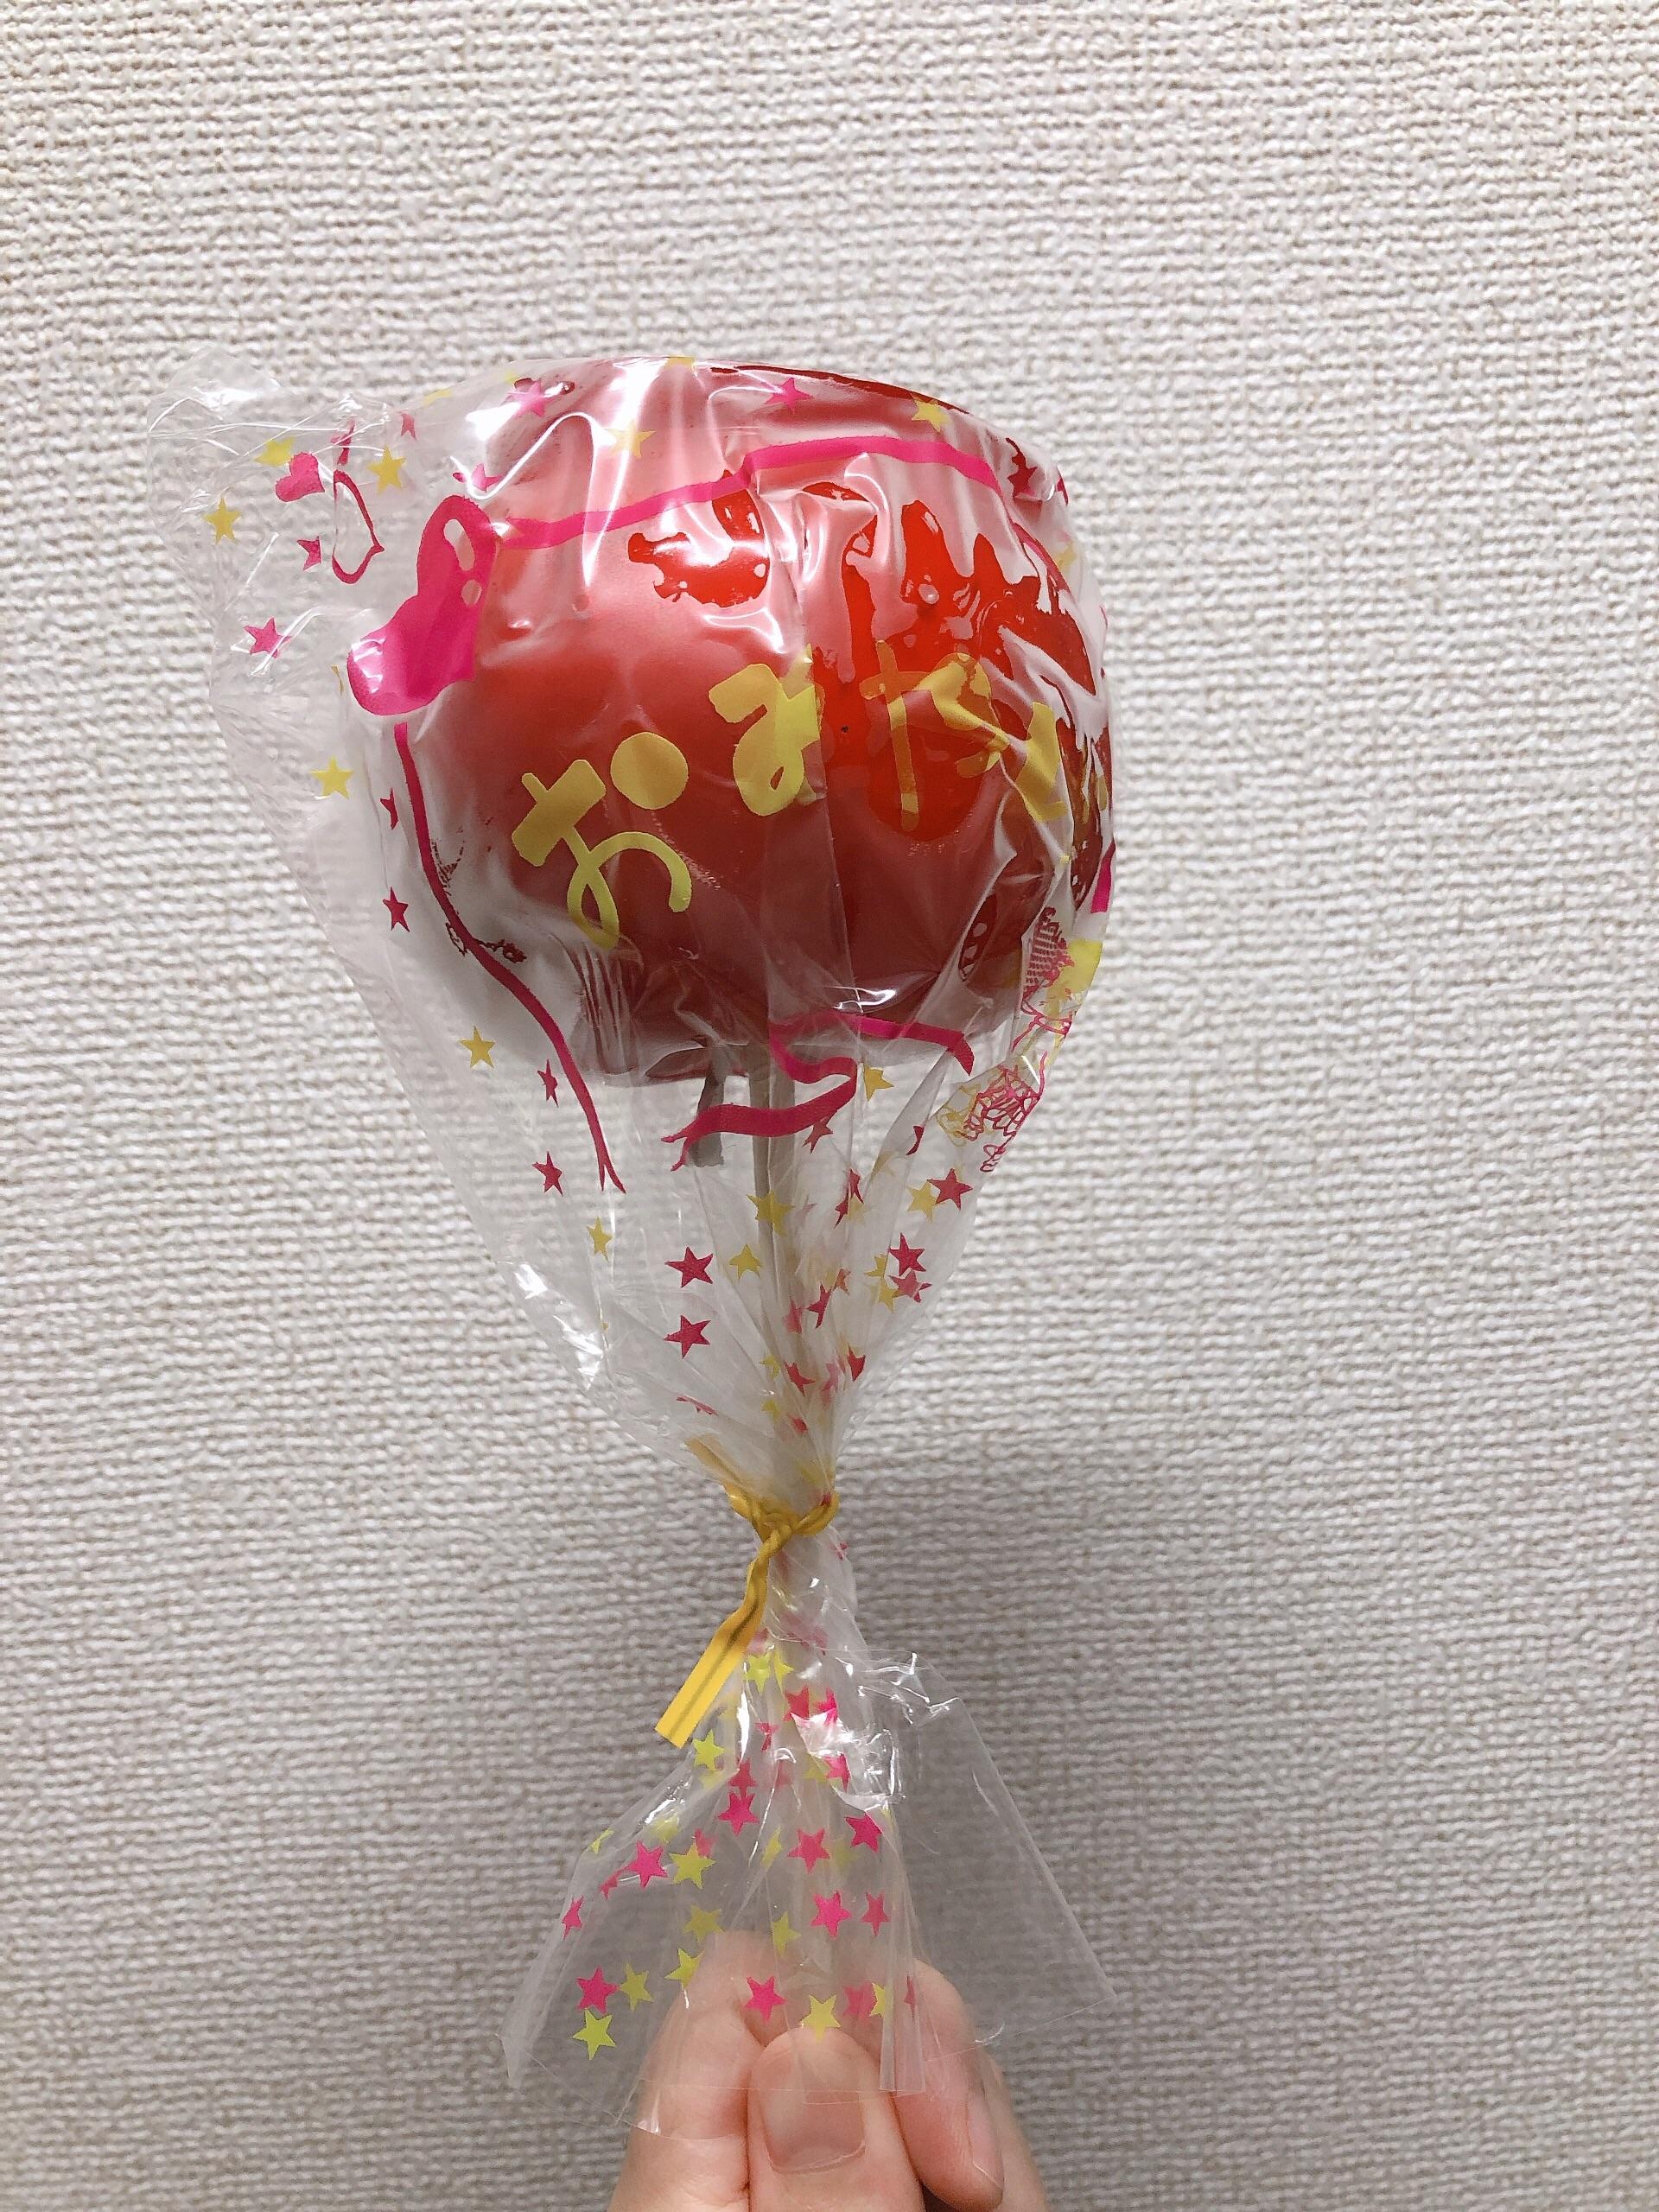 f:id:yurumani:20190903084708j:image